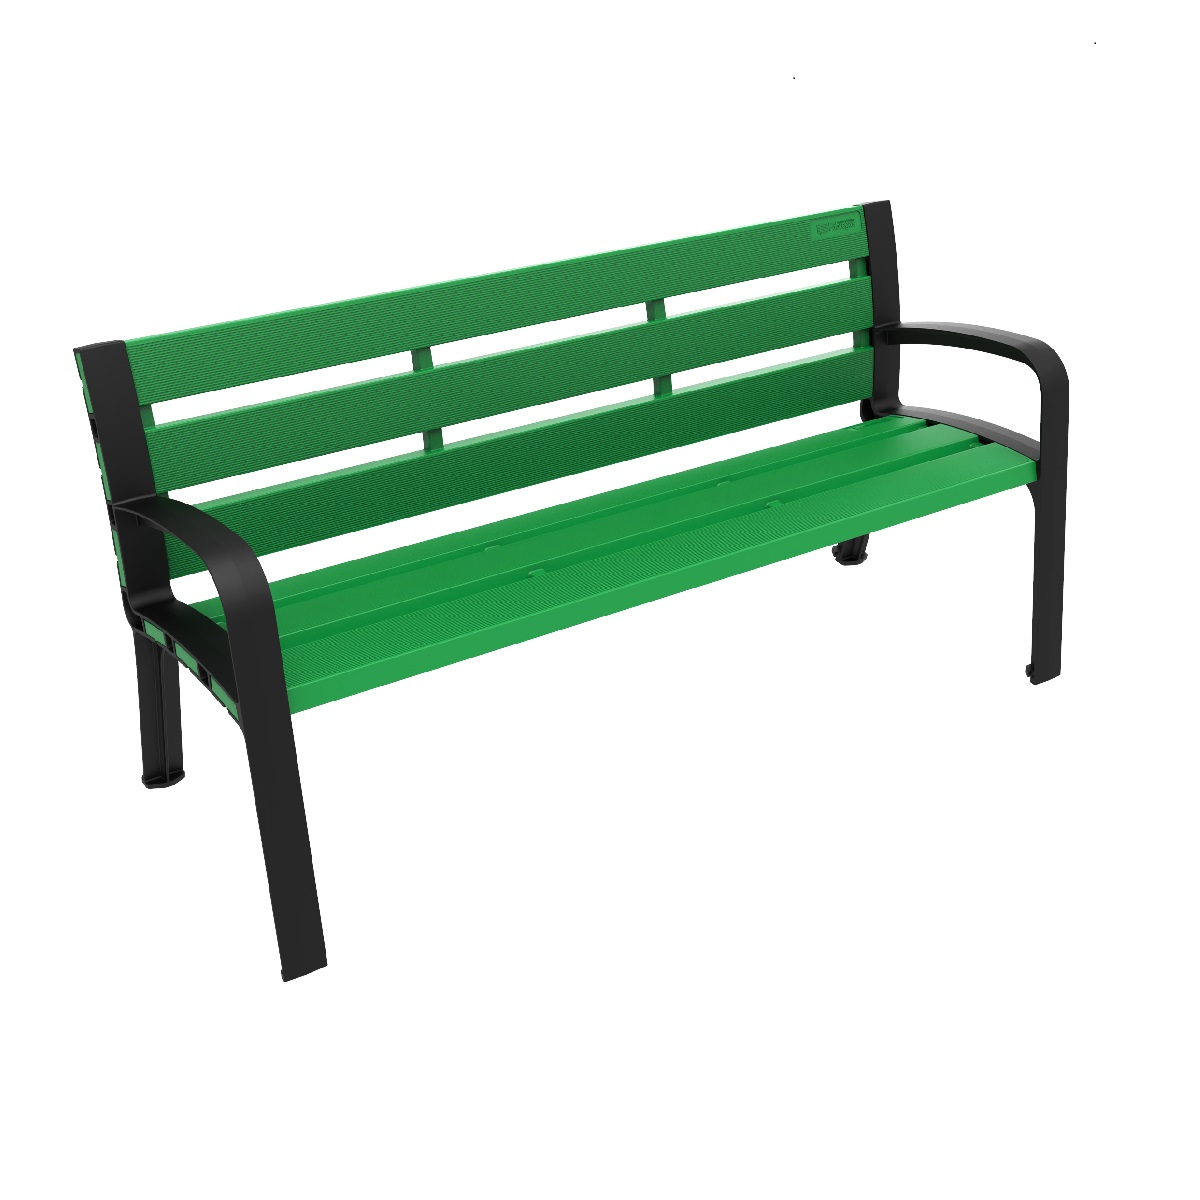 Banc Plàstic Modo Polipropilè Mobiliari urbà per a sentar-se parcs i jardins